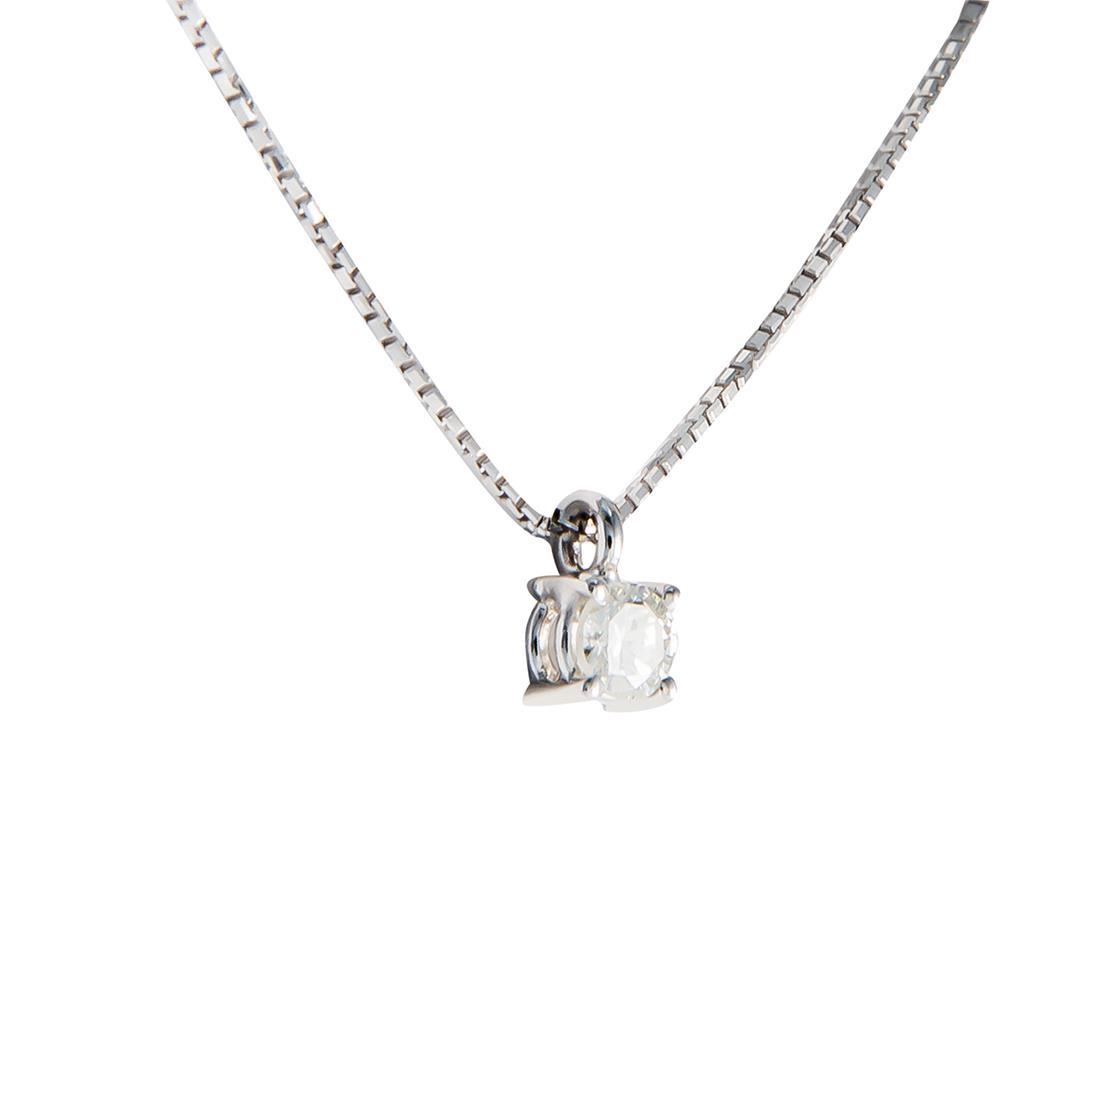 Collier punto luce in oro bianco con diamante ct 0.19, lunghezza 42cm - ORO&CO